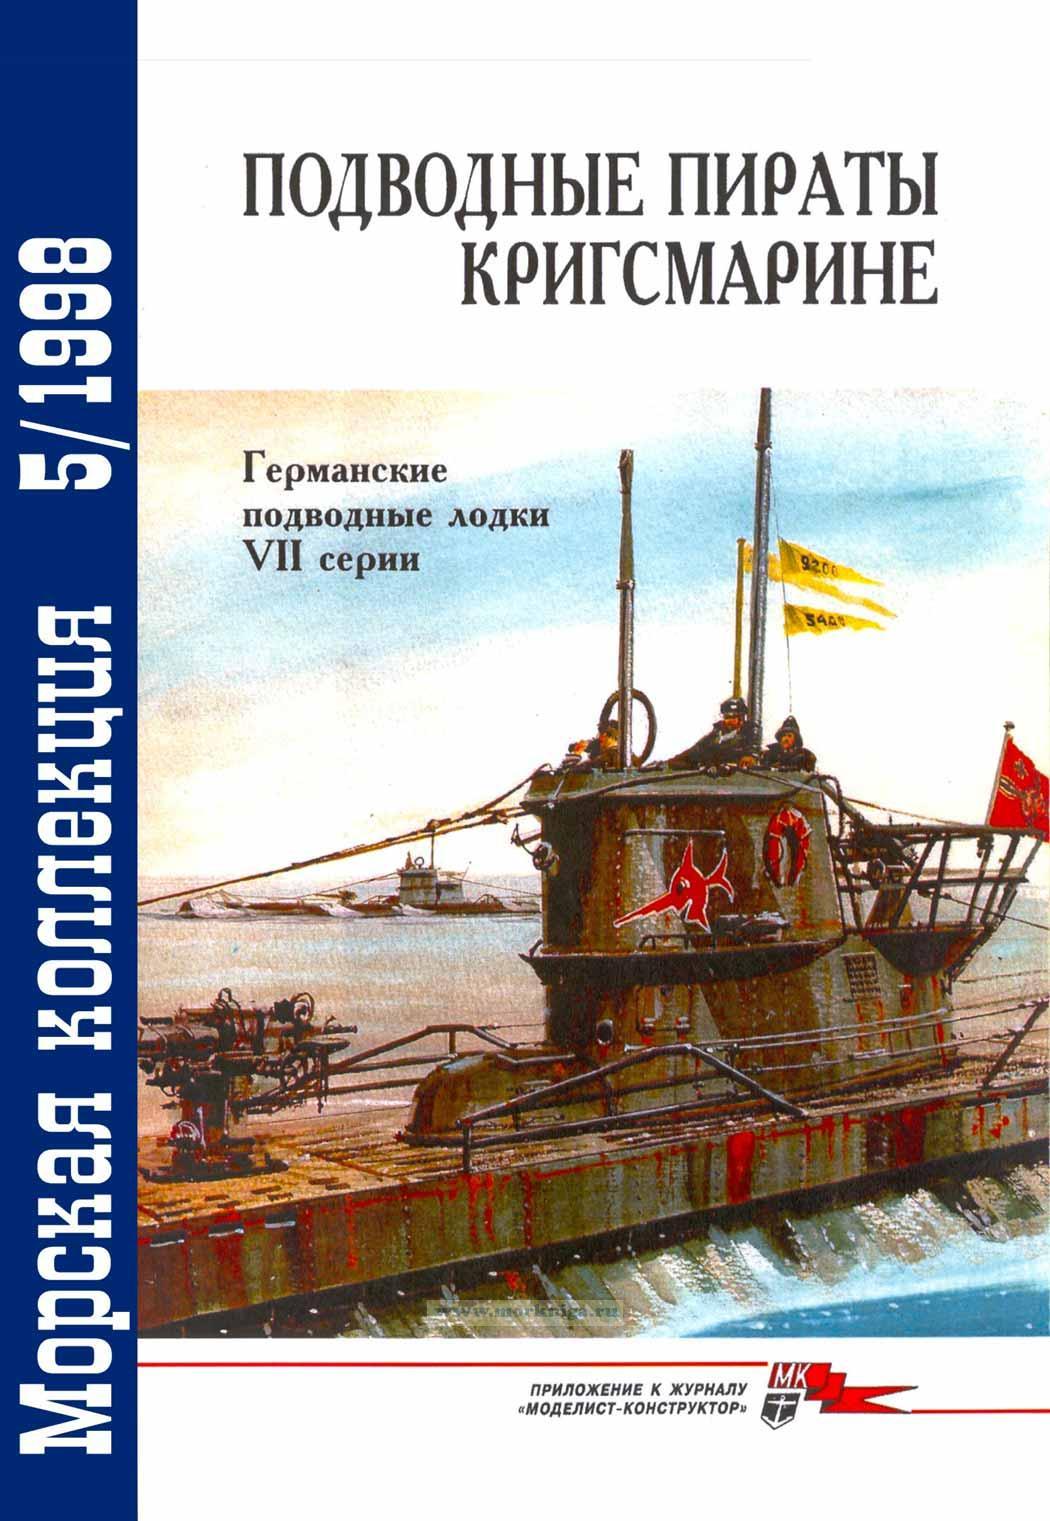 Подводные пираты кригсмарине. Германские подводные лодки VII серии. Морская коллекция №5 (1998)